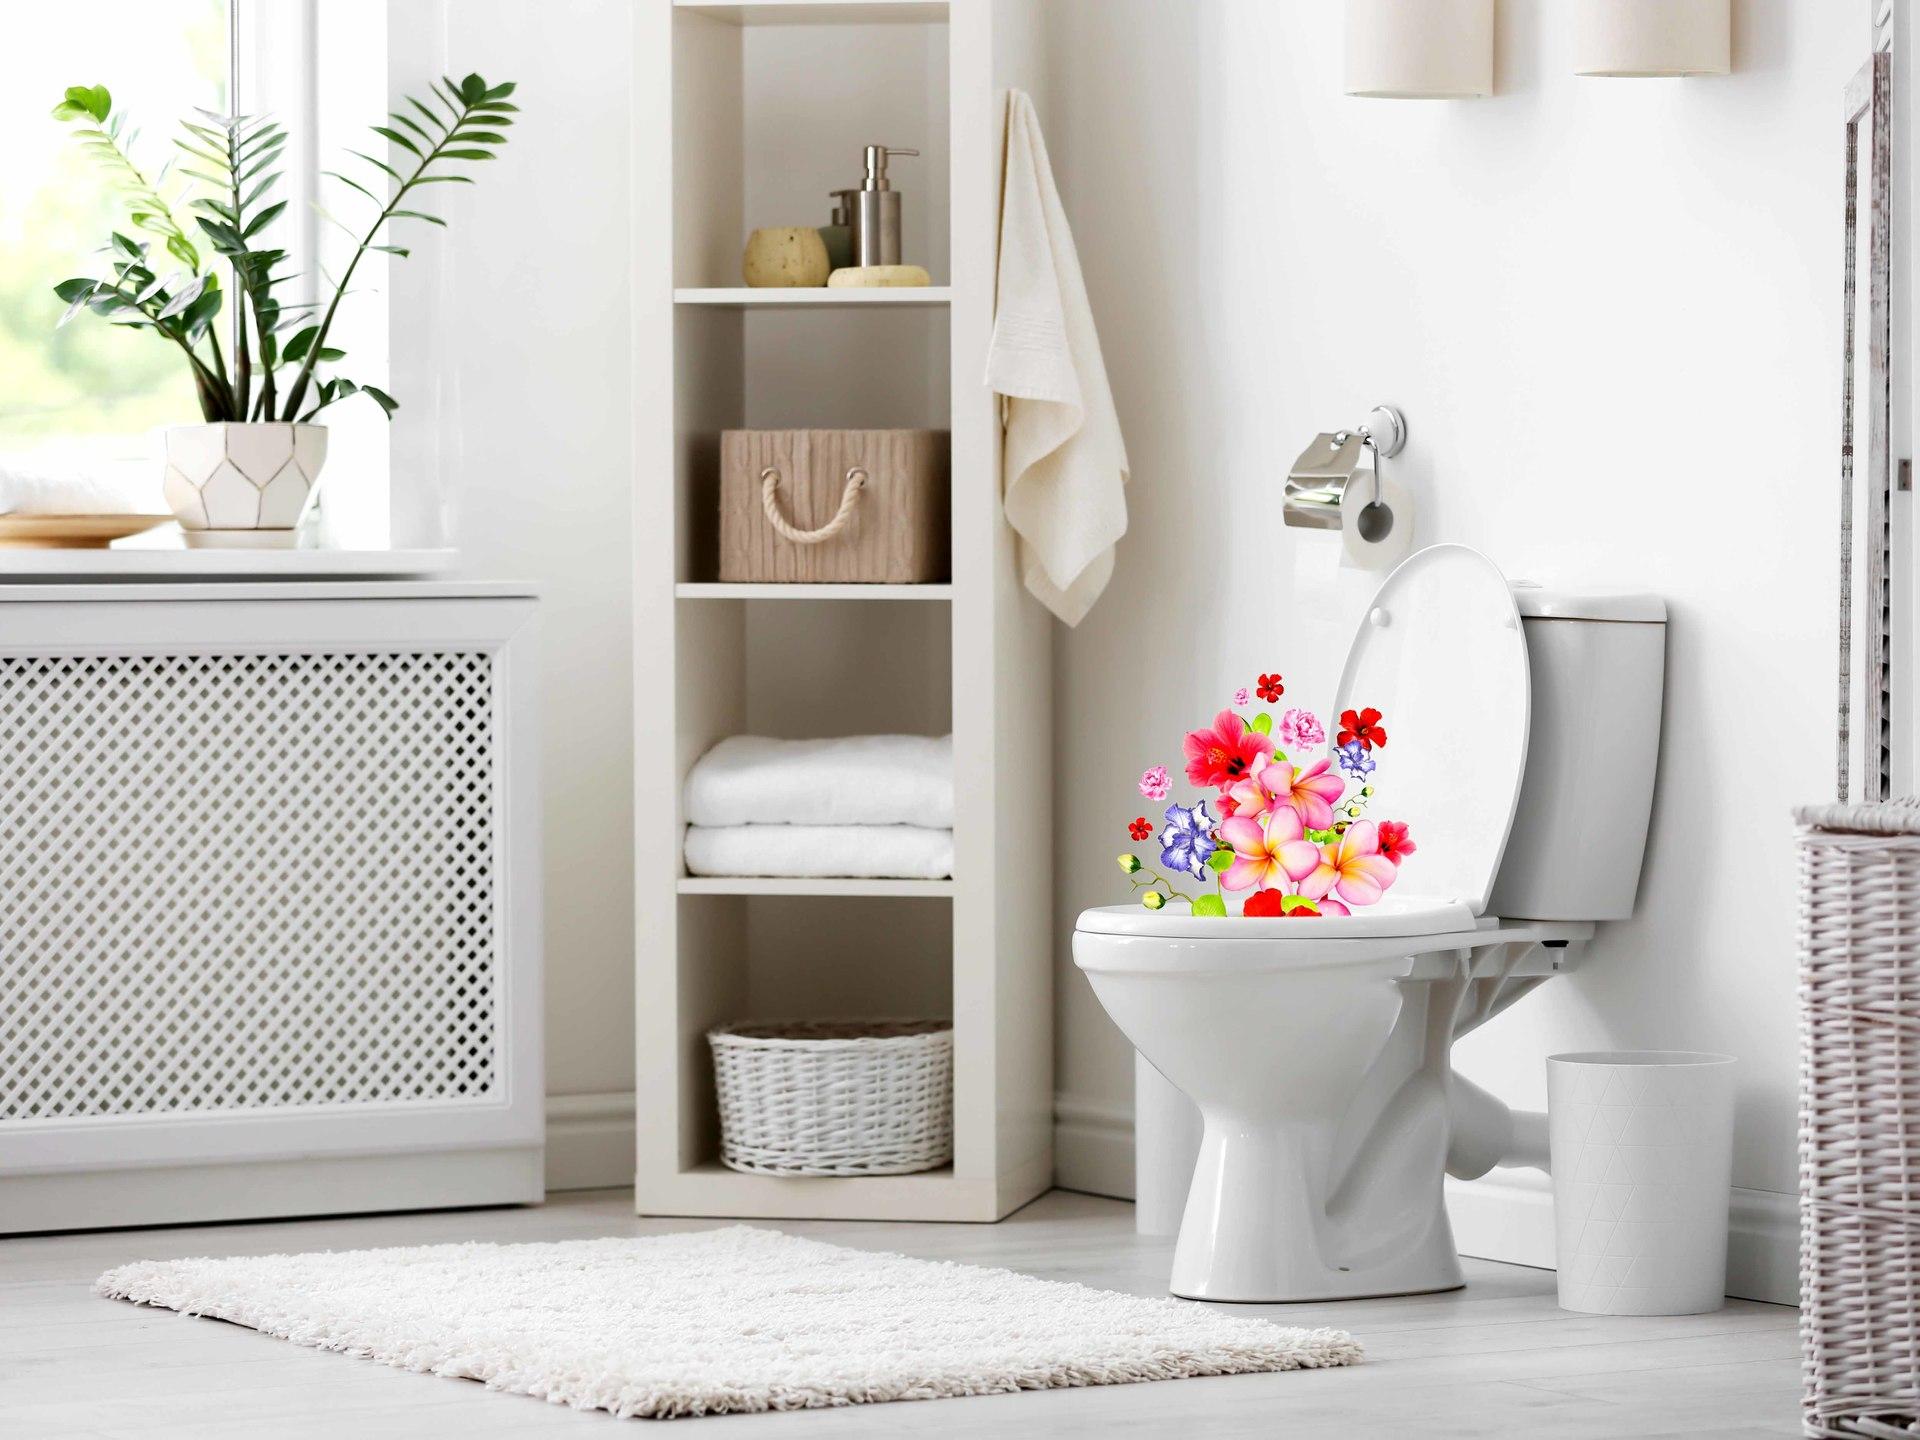 TOILET SUPERGEL intenzivní čistič na toalety, bidety a pisoáry